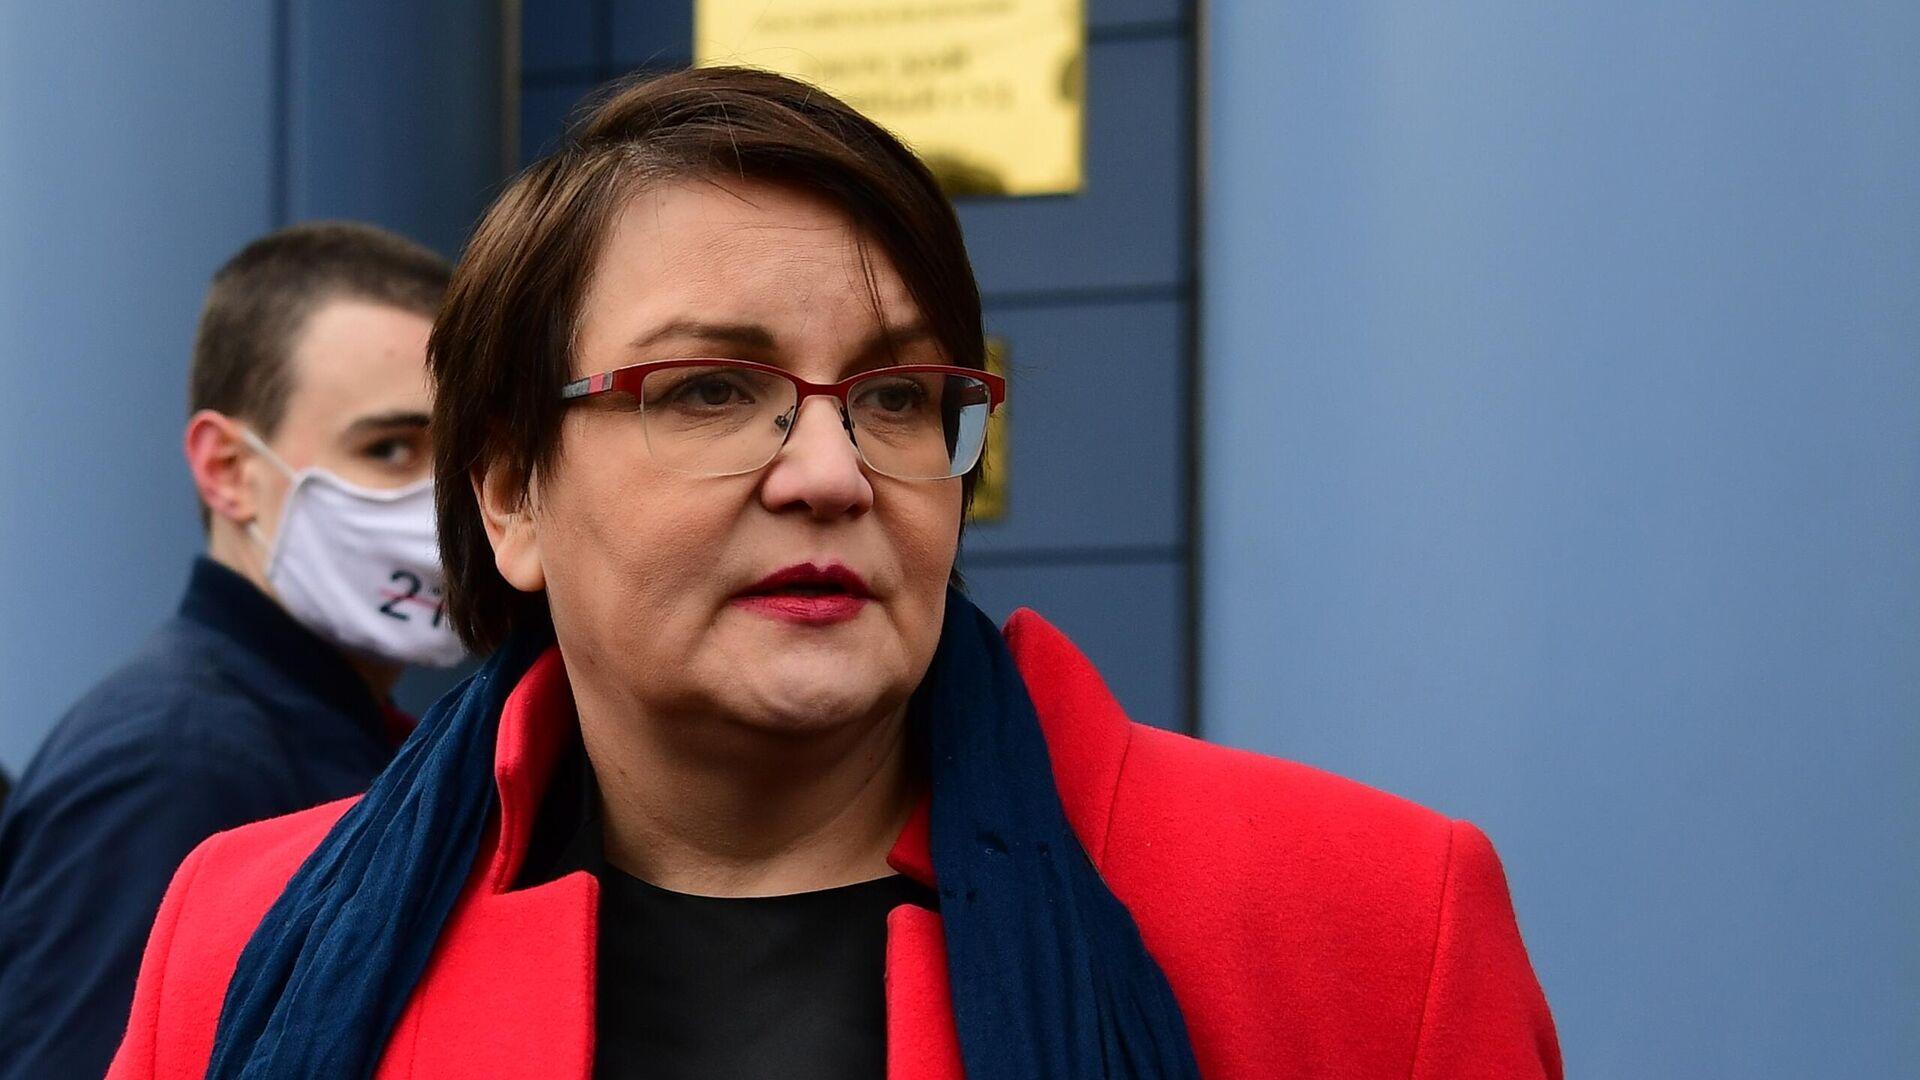 Суд дал депутату Галяминой два года условно за нарушения на митингах